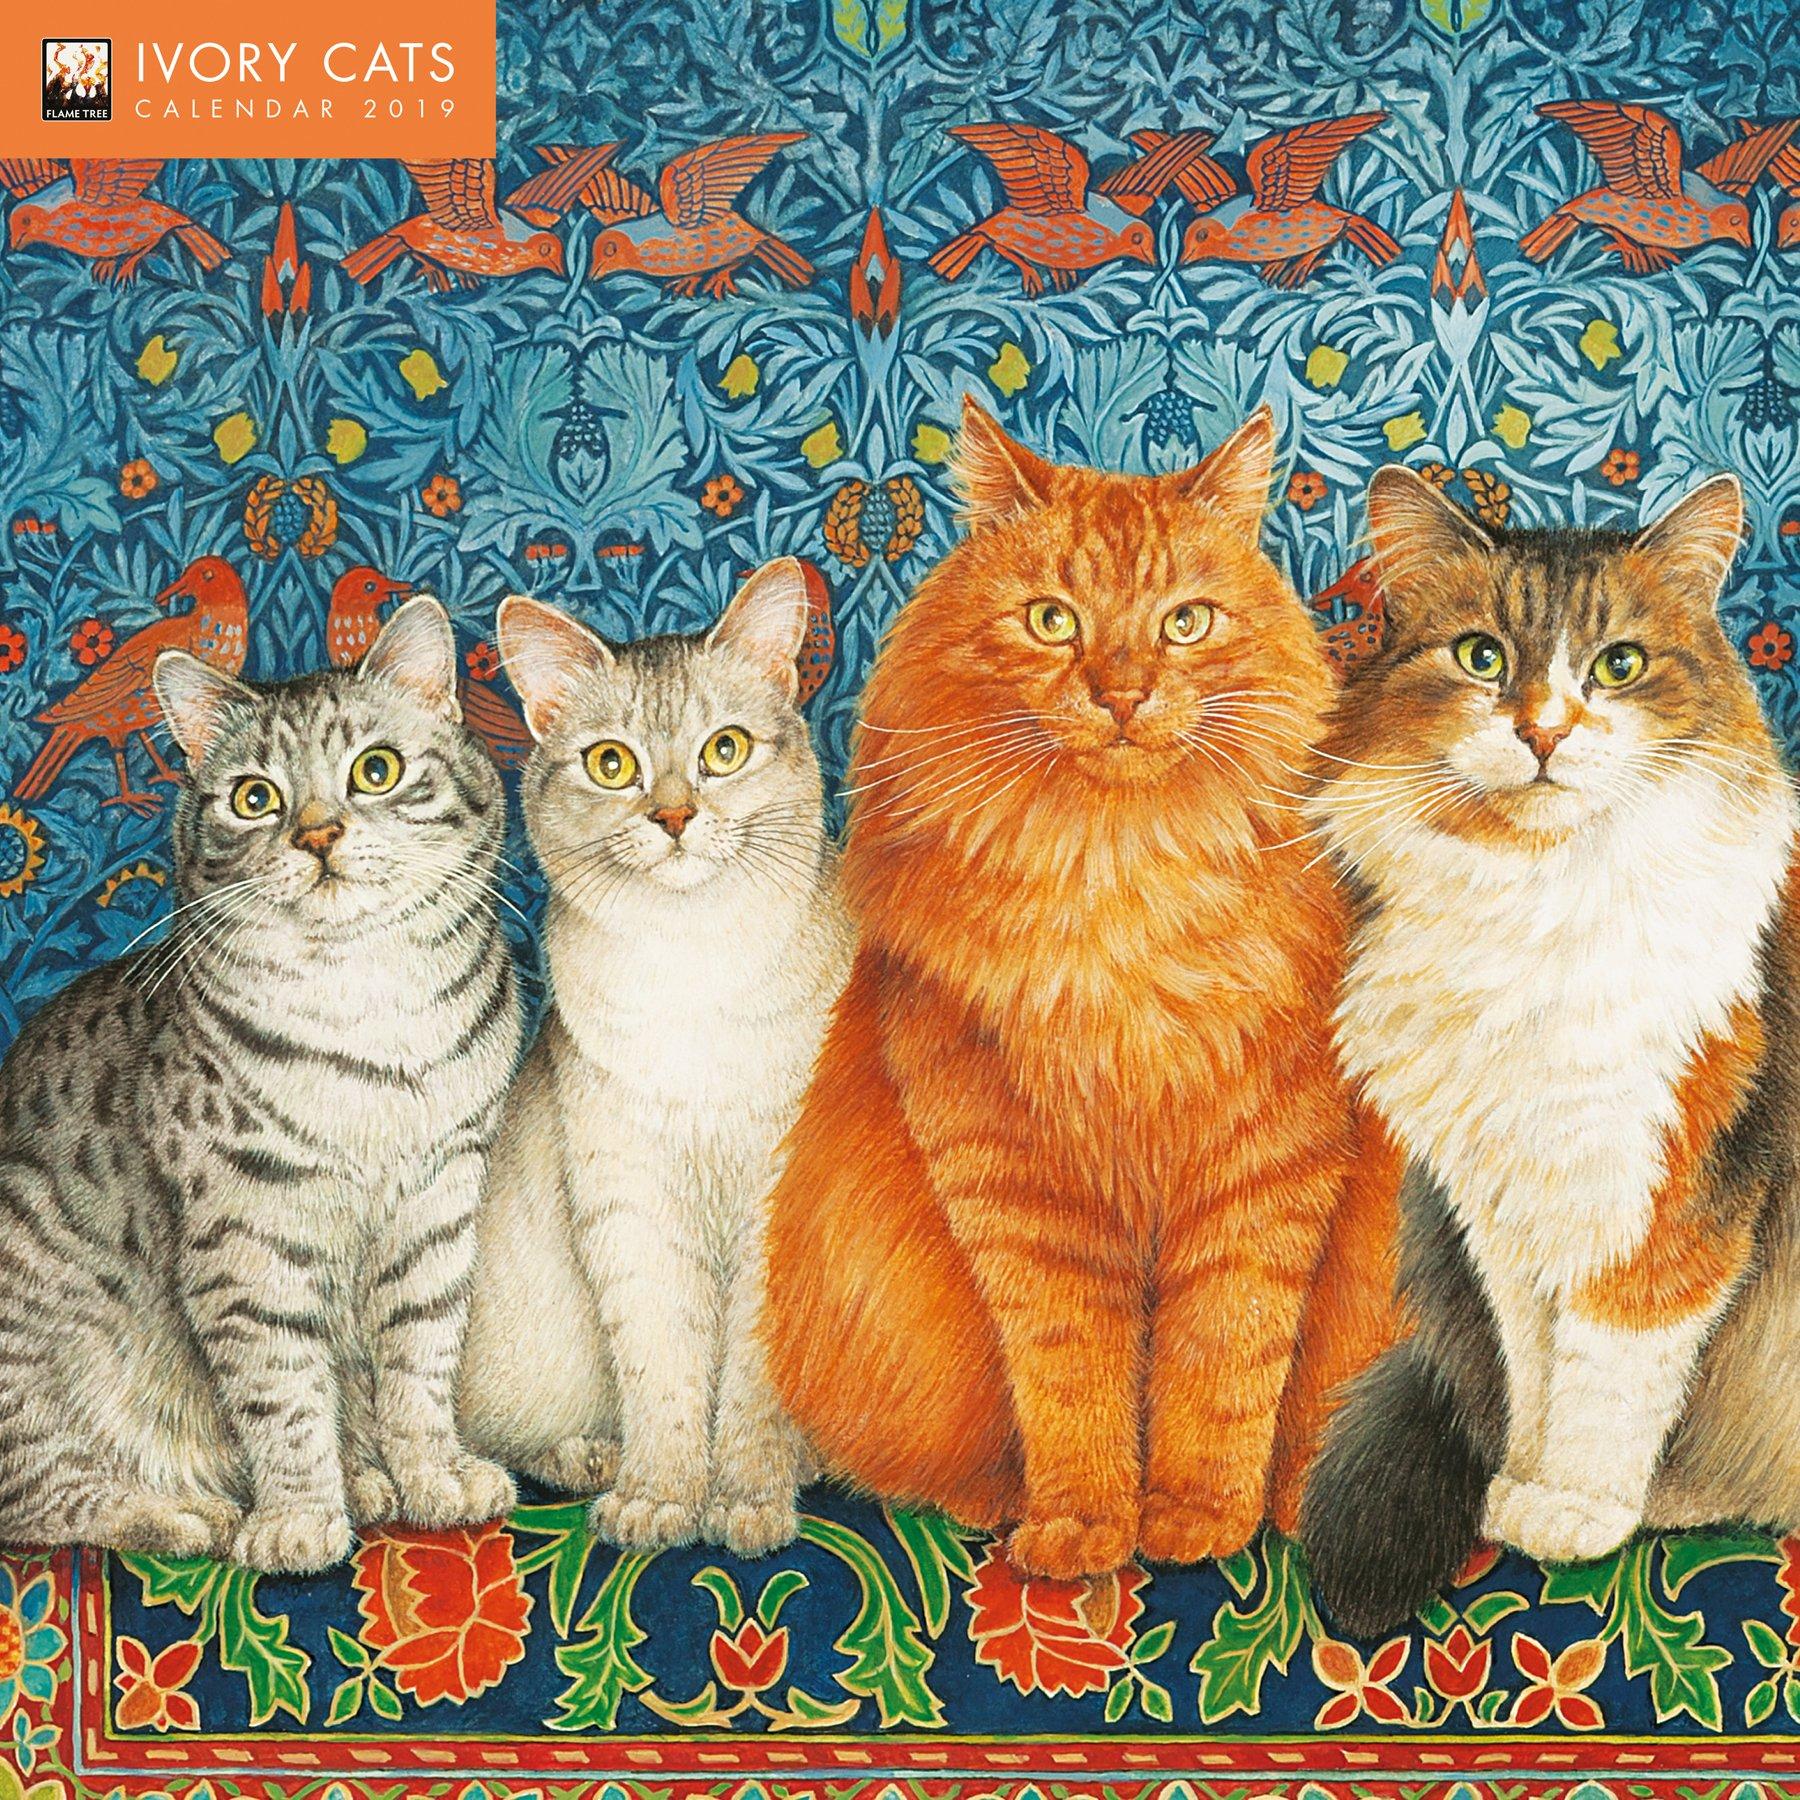 ivory cats wall calendar 2019 art calendar